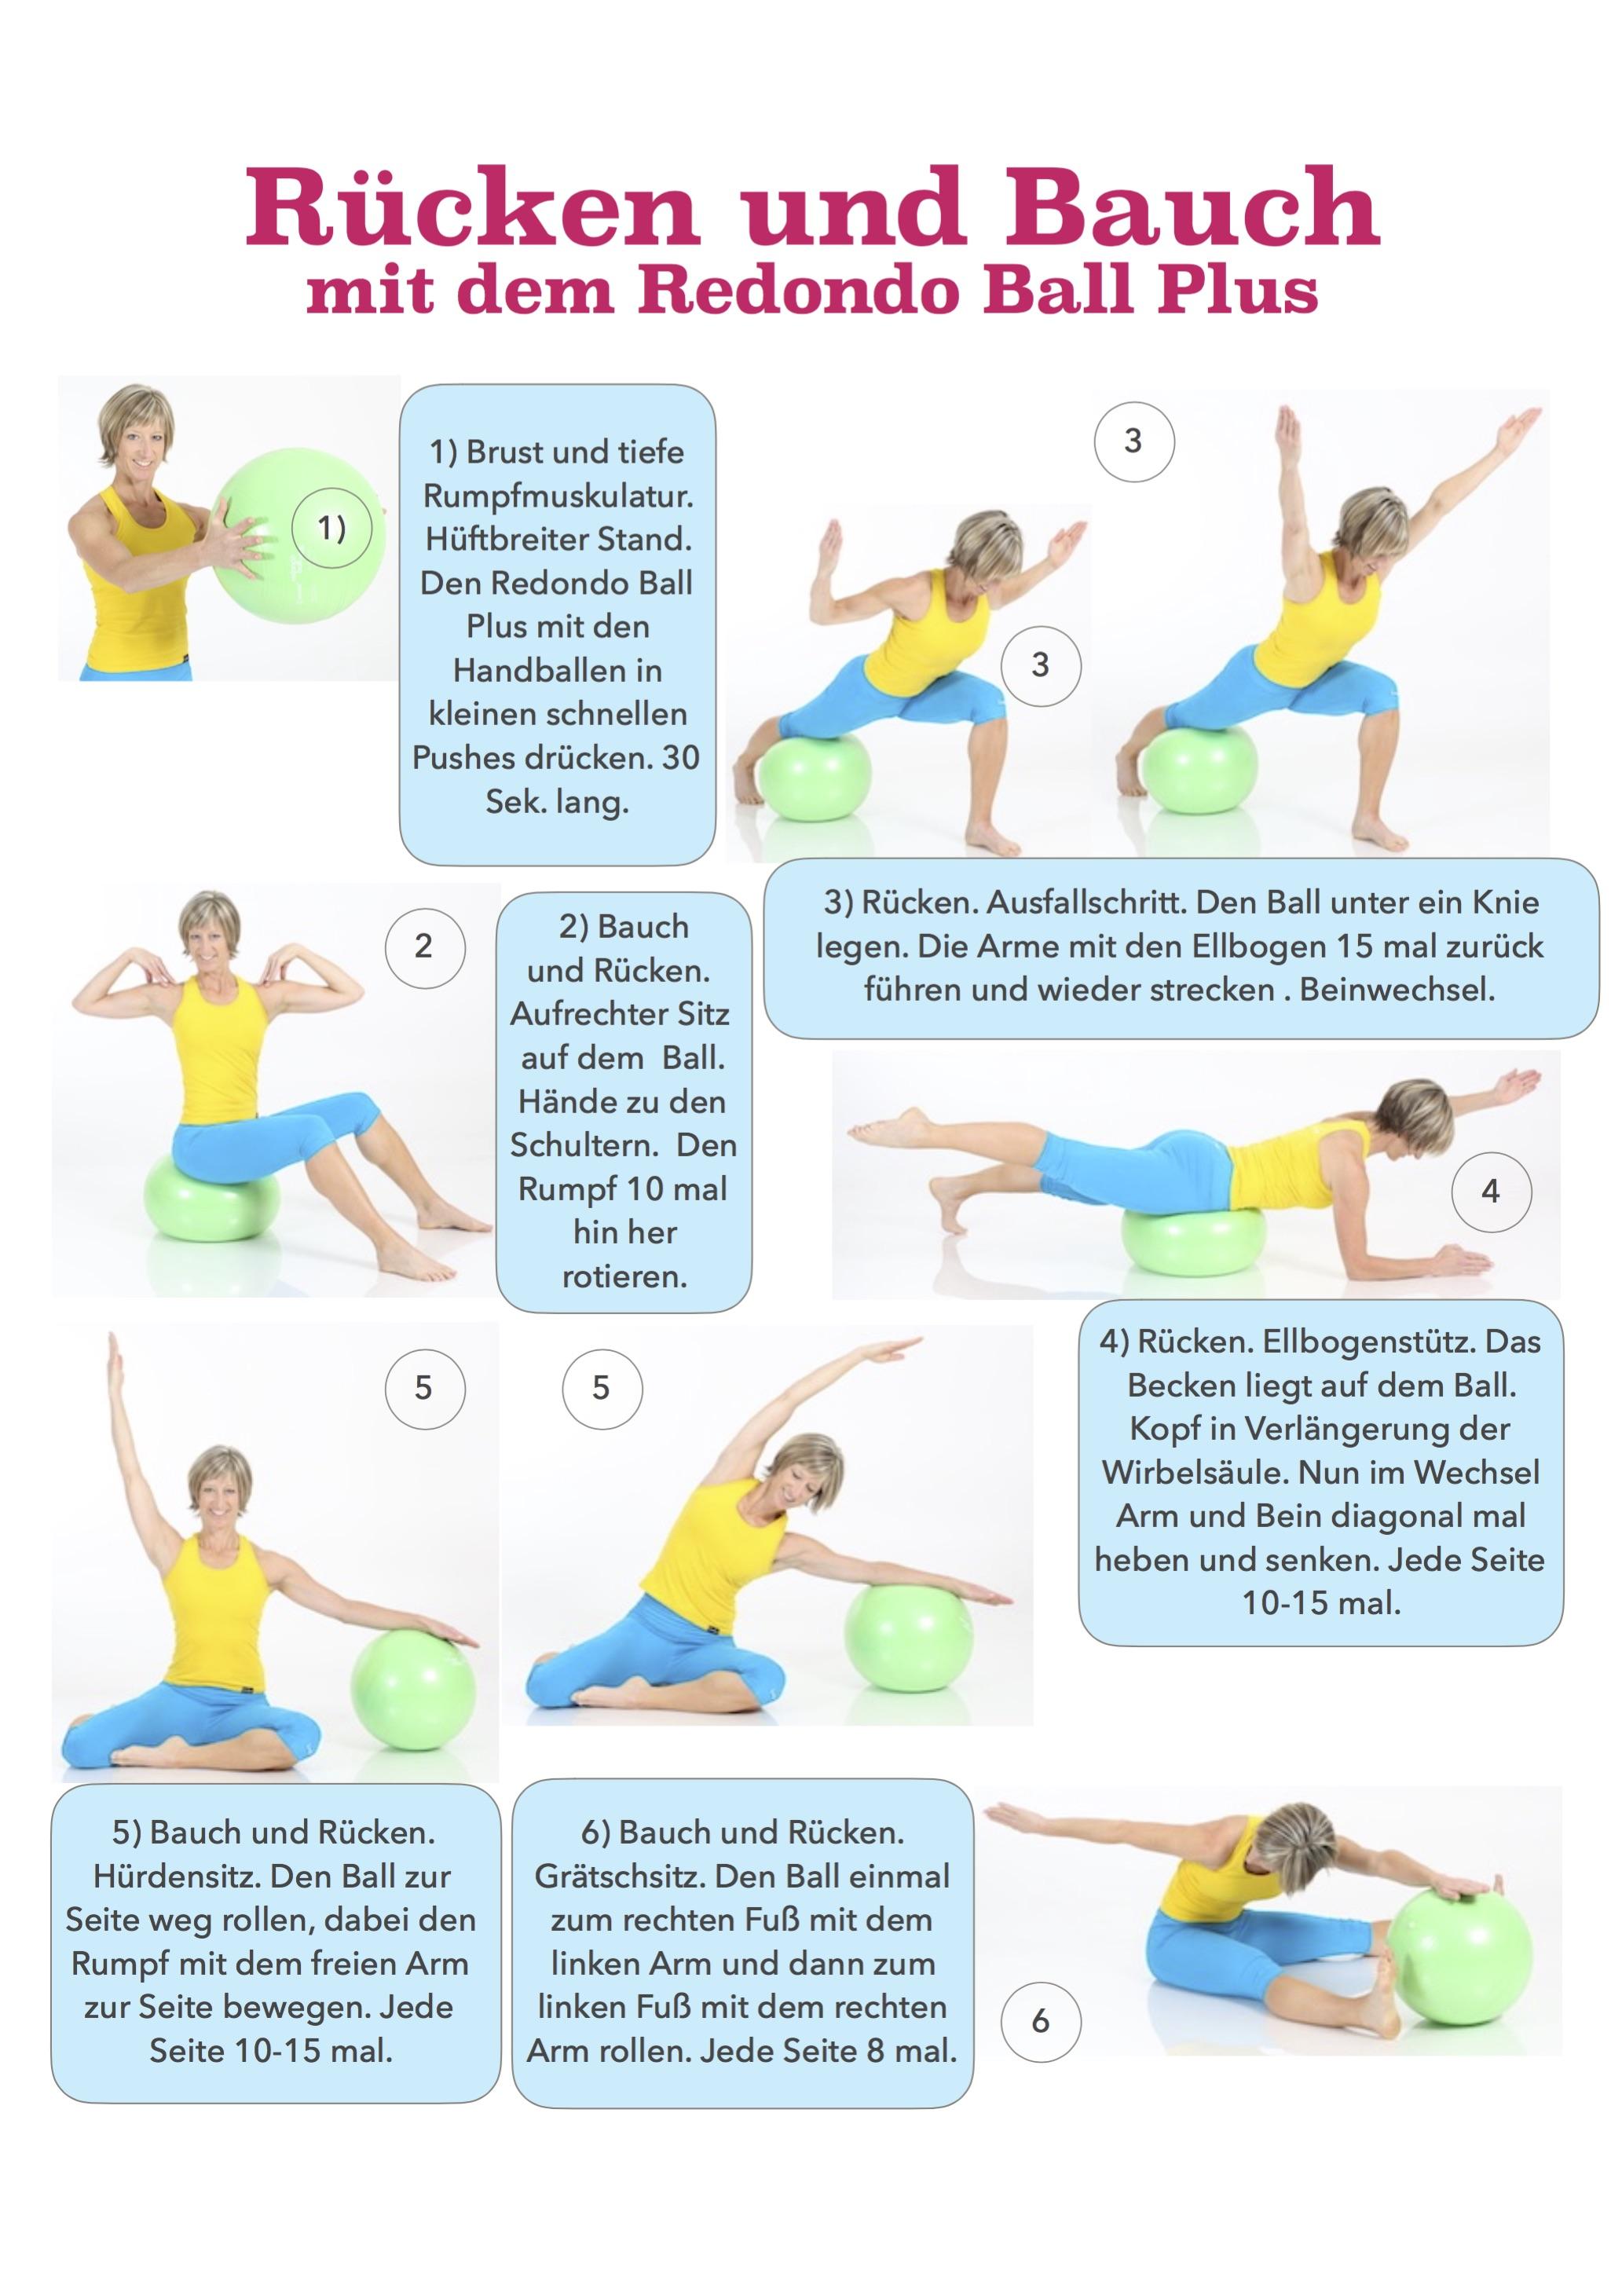 Rücken und Bauch